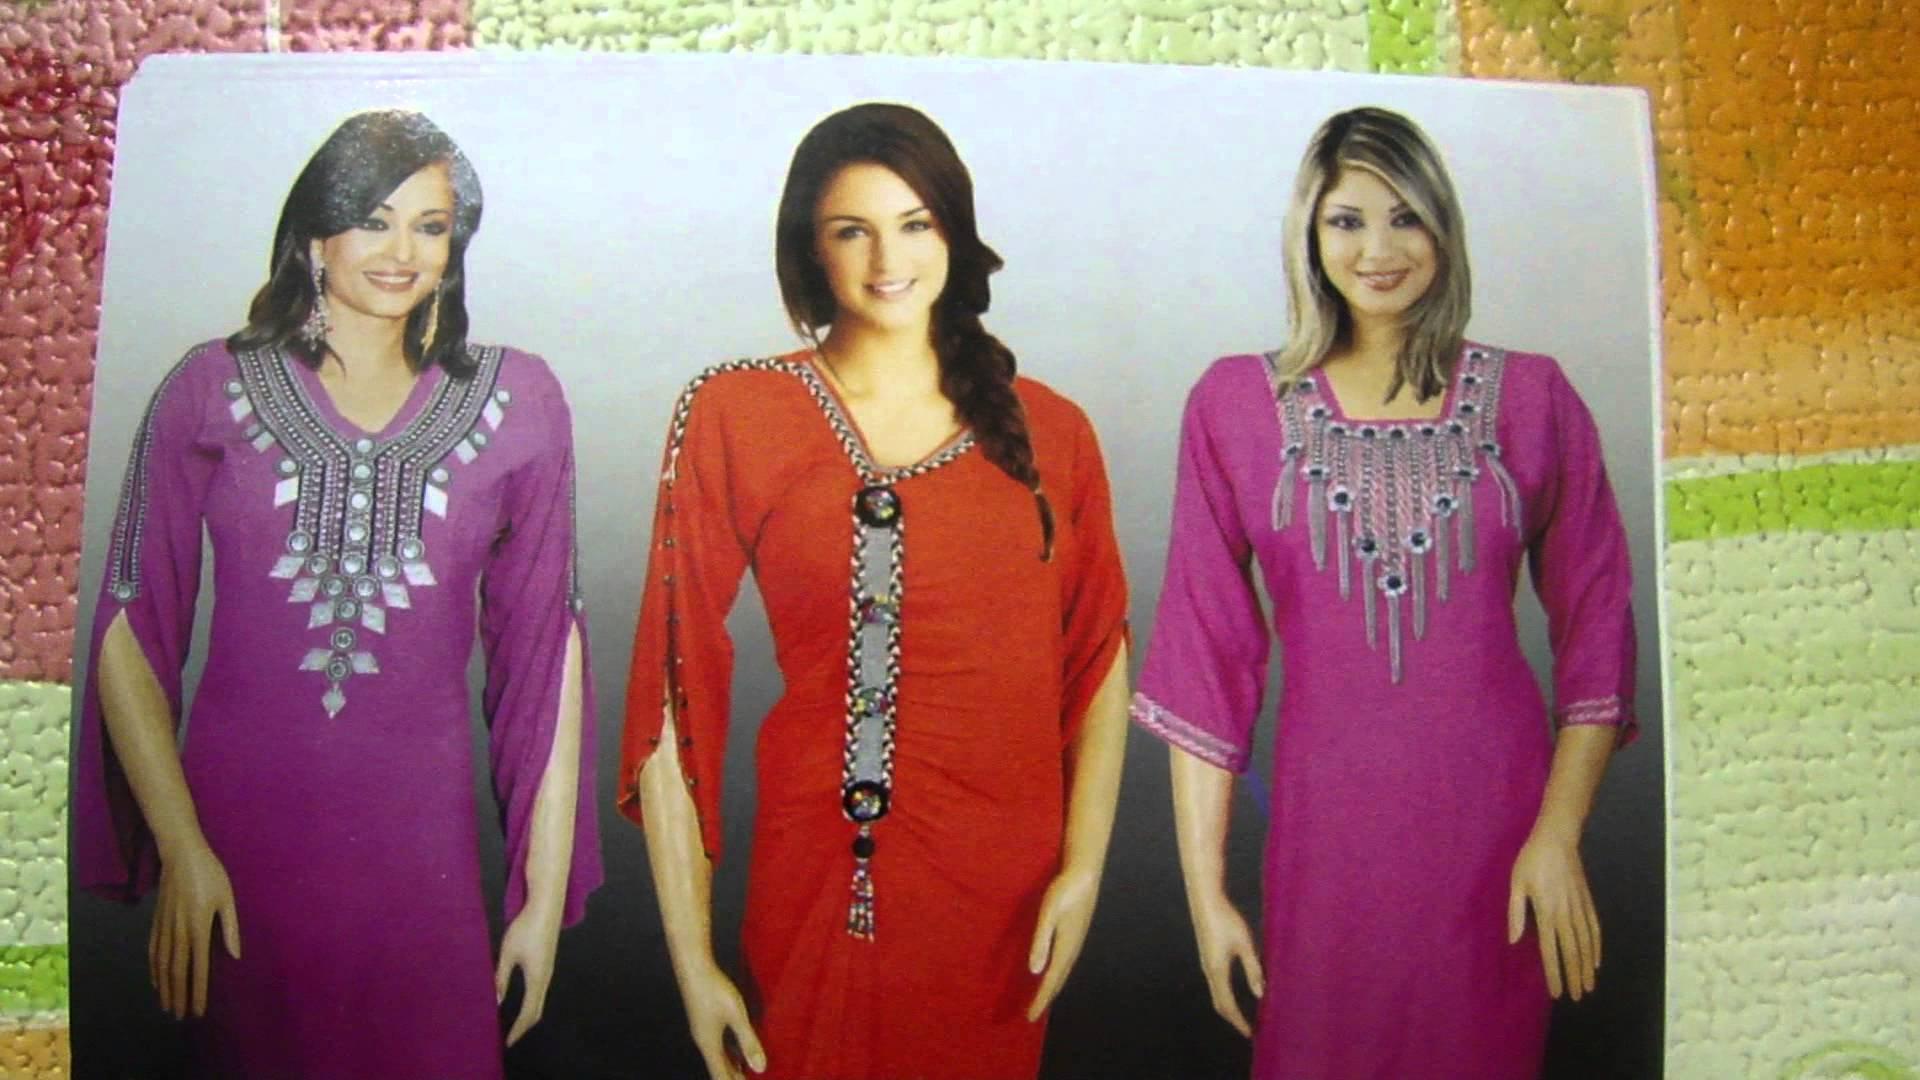 بالصور قنادر تاع الدار اخر صيحة , الملابس المغربيه للنساء واجددها 3584 9